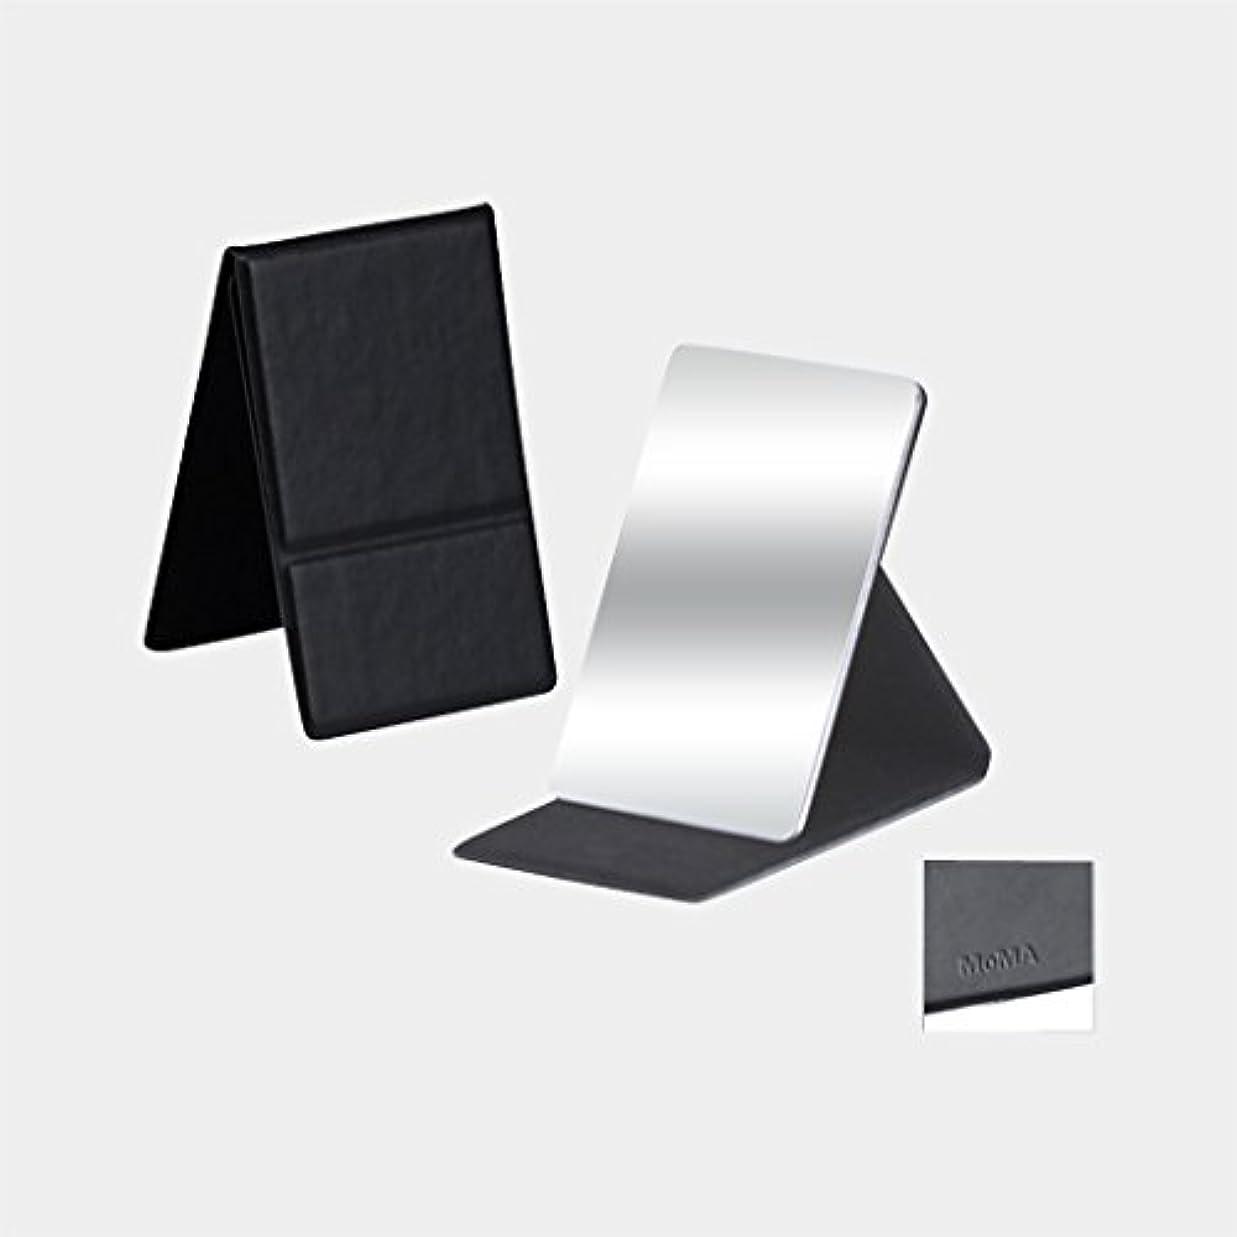 マガジンスラム街仮説MoMA ステンレス コンパクトミラー ブラック